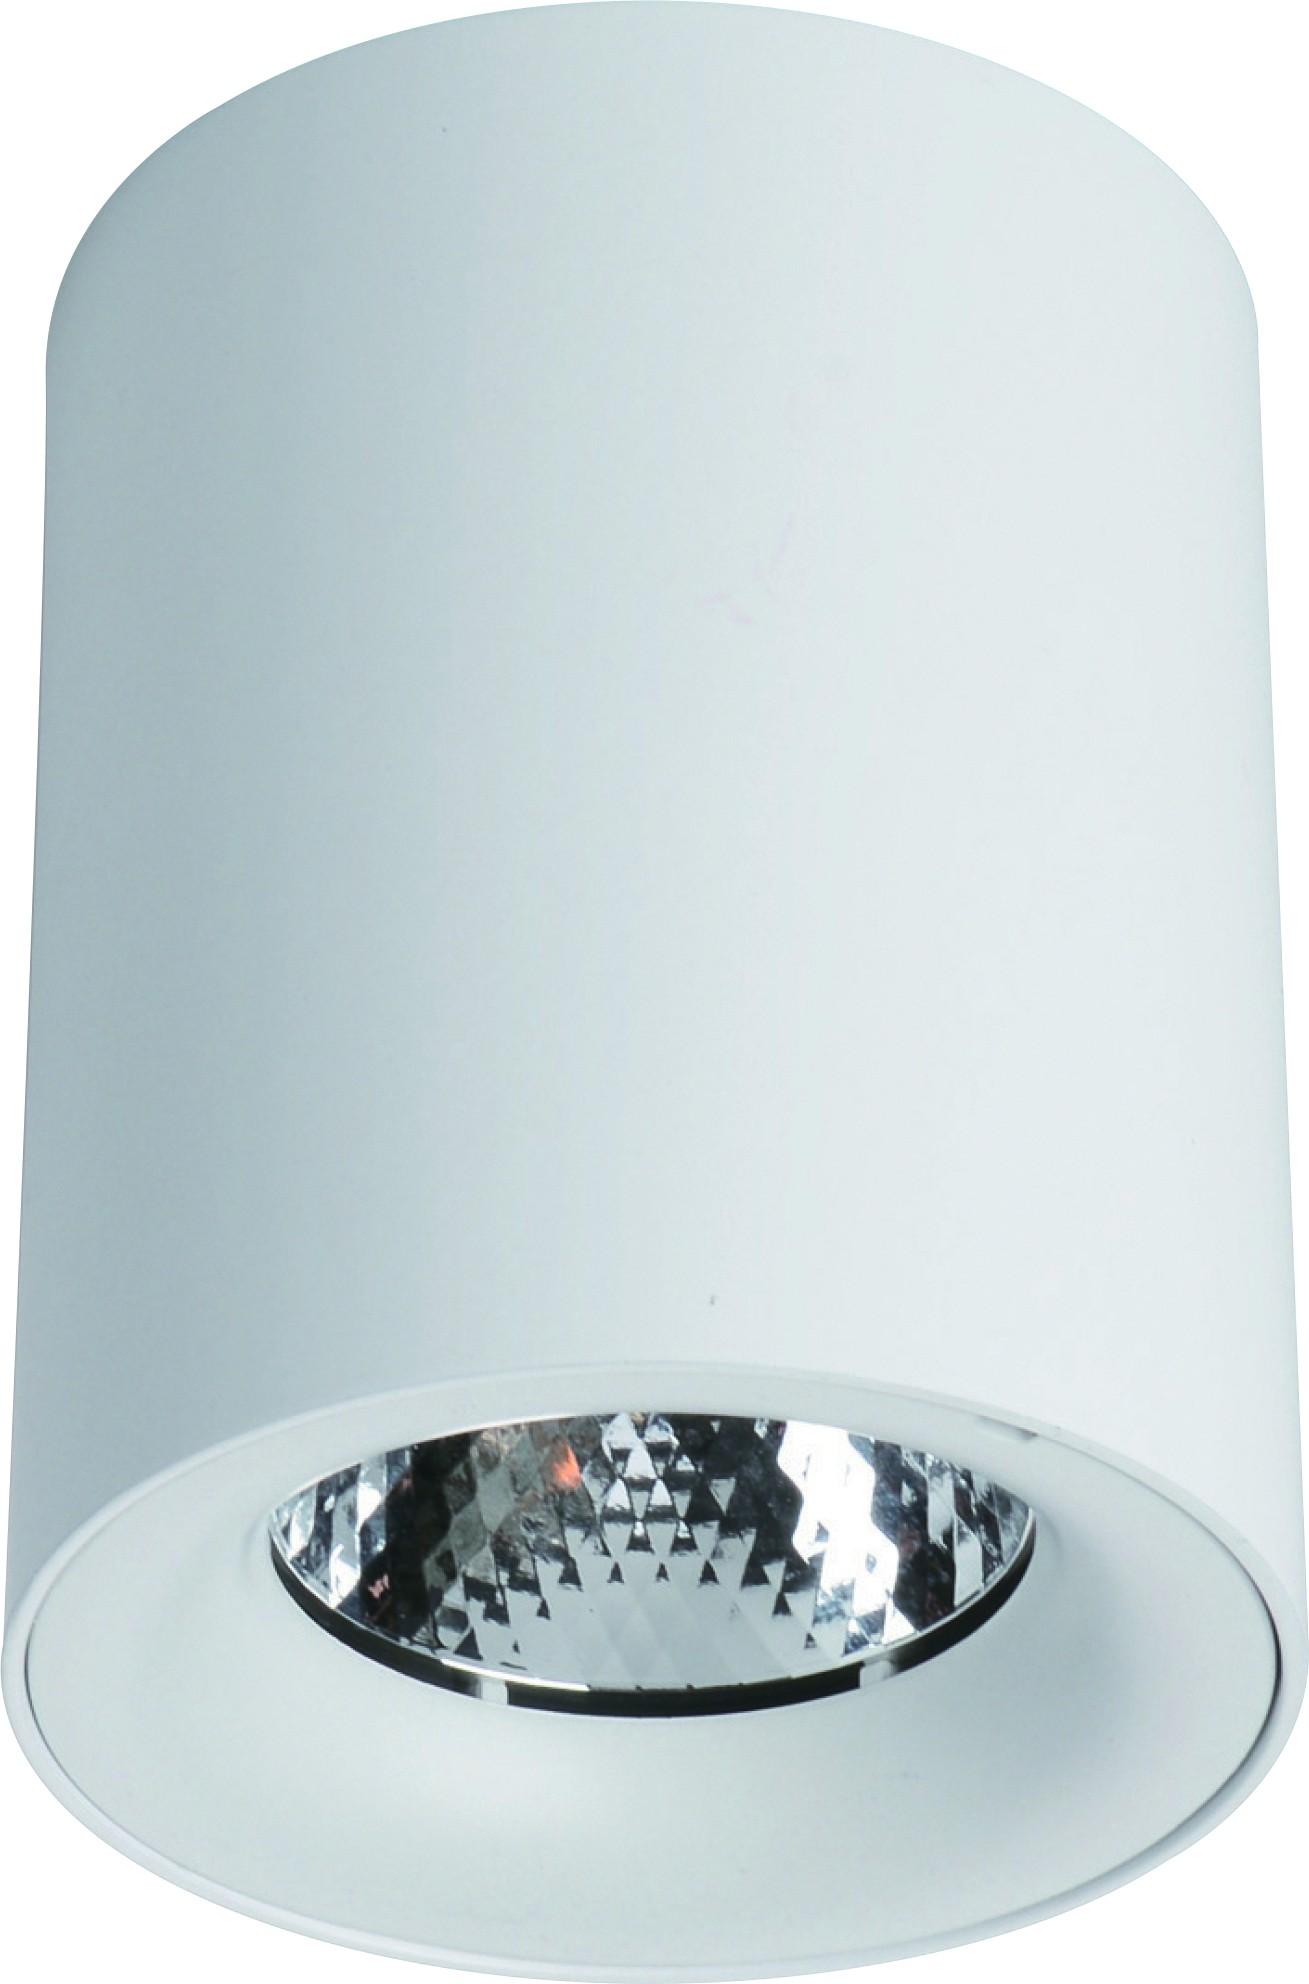 Светильник встраиваемый Arte lamp A5130pl-1wh arte lamp встраиваемый светодиодный светильник arte lamp cardani a1212pl 1wh